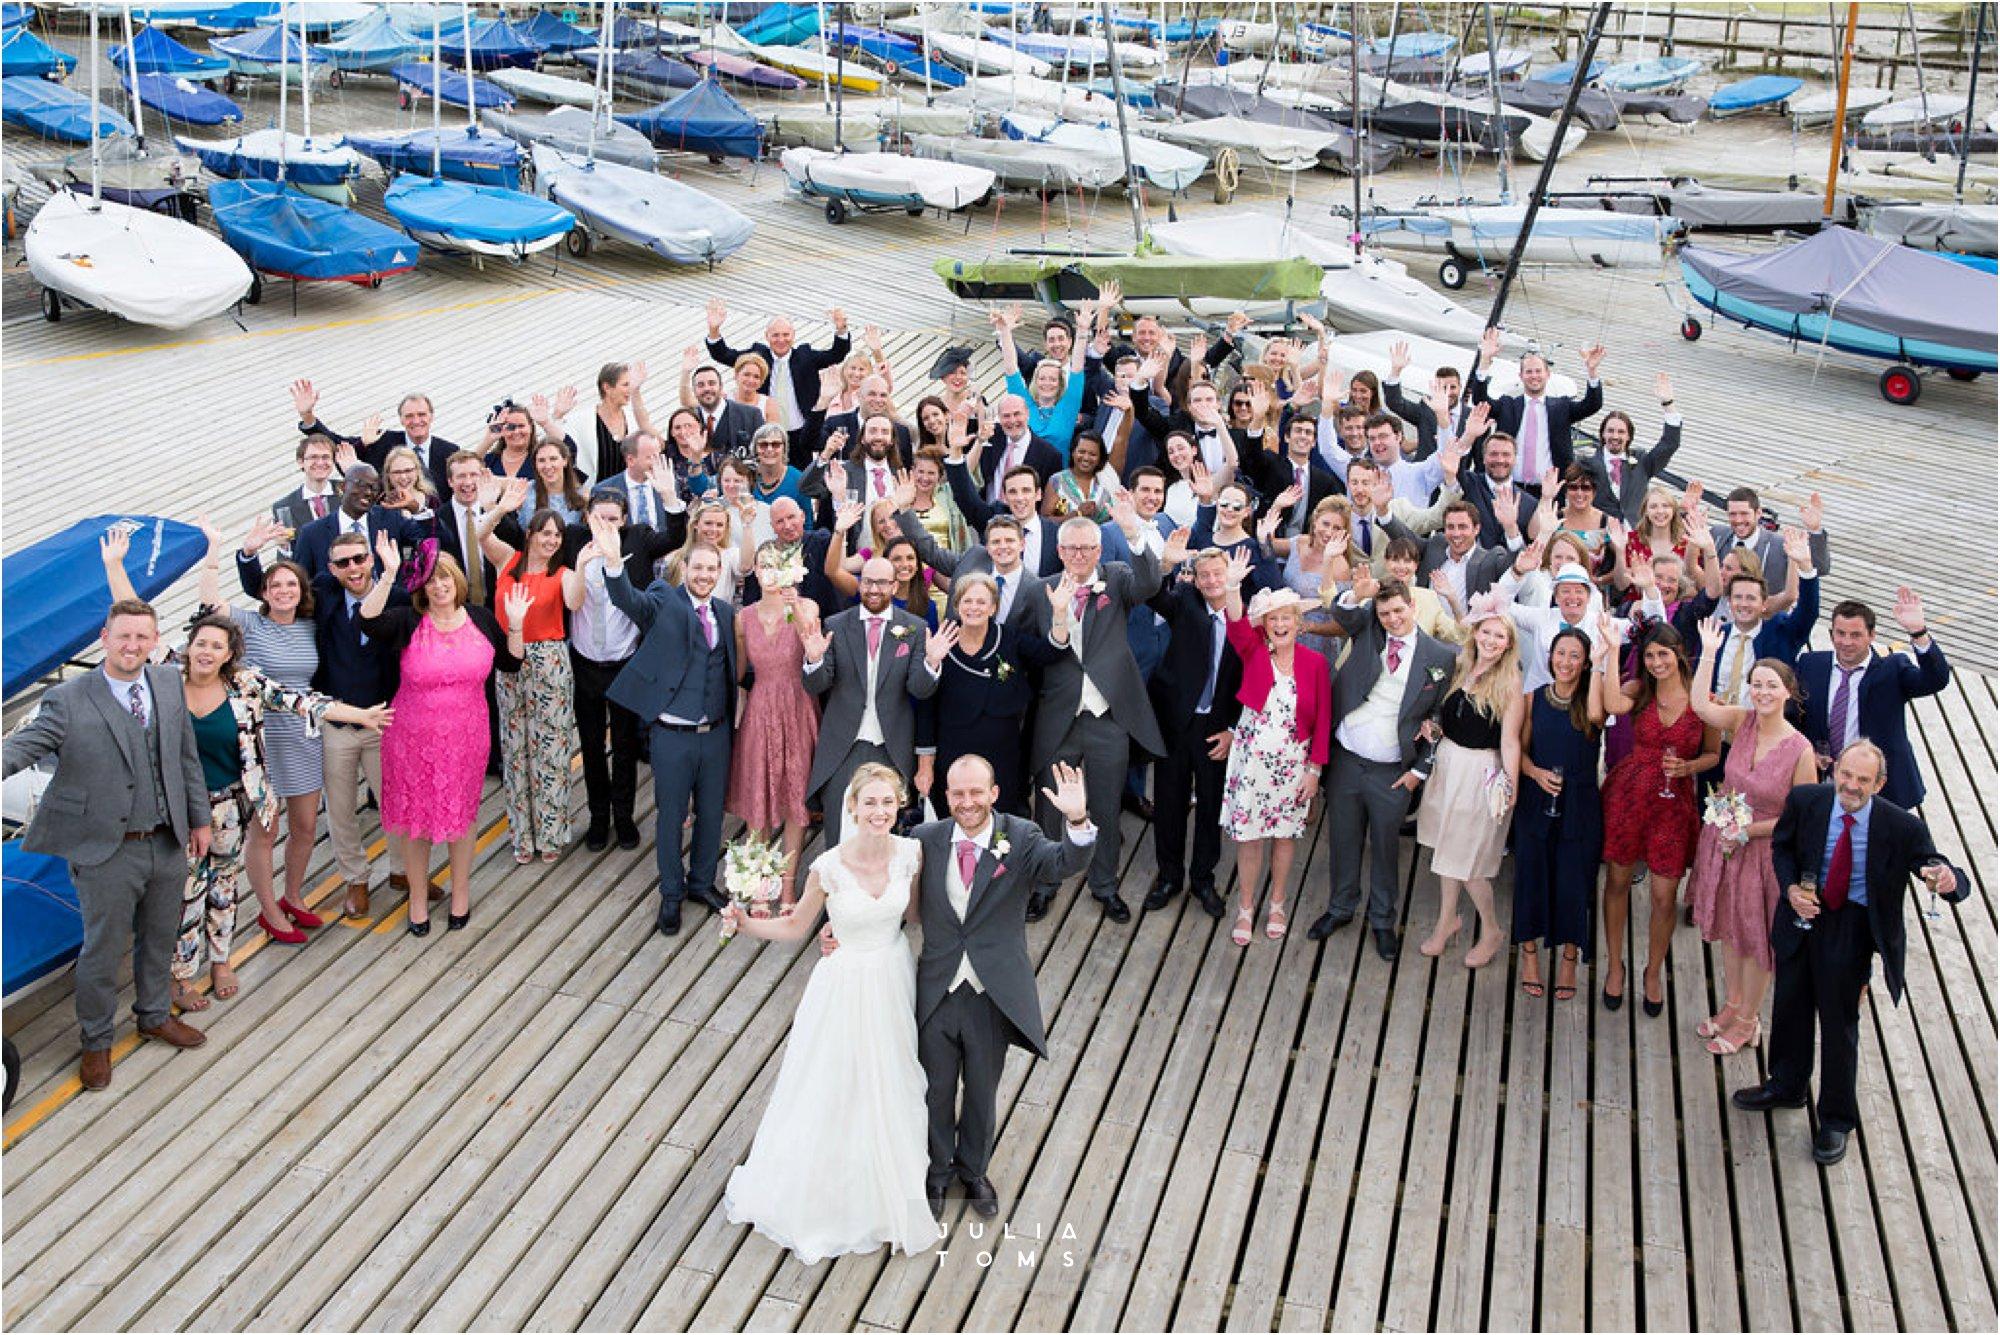 itchenor_wedding_chichester_photographer_072.jpg